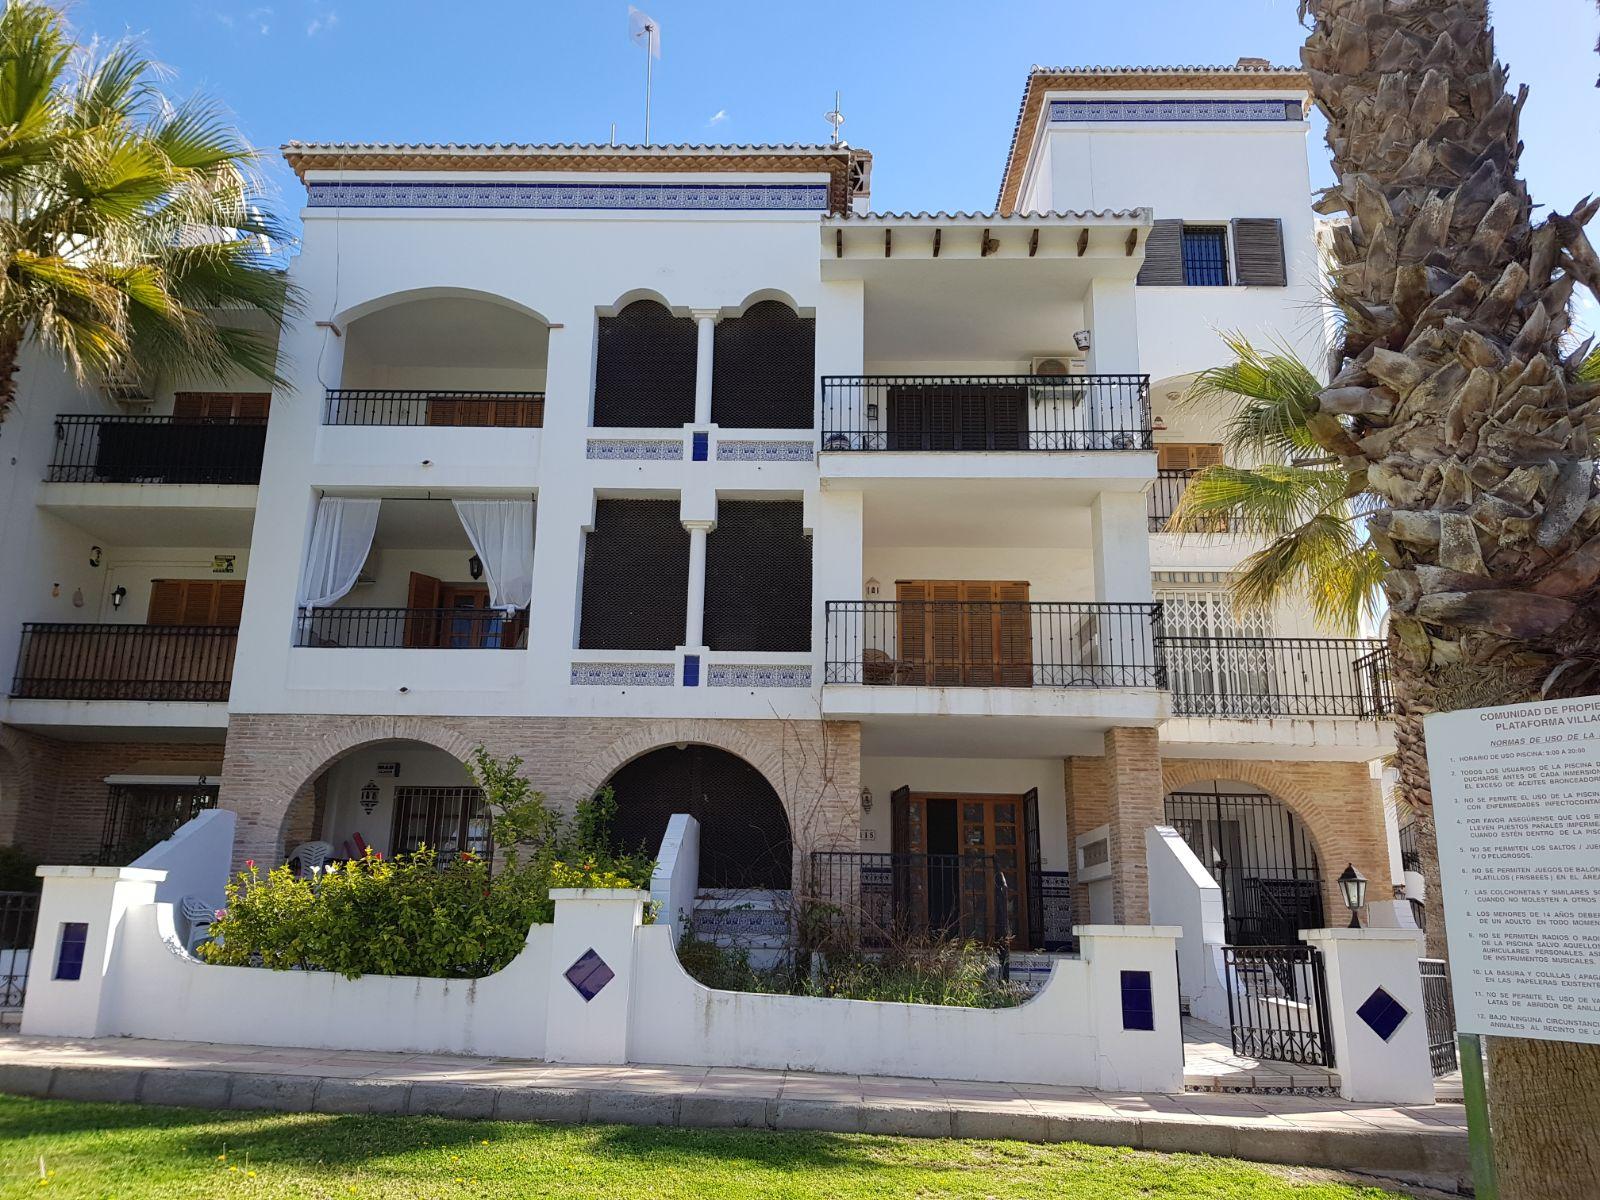 Piso en venta en Orihuela, Alicante, Avenida Ramblas de Oleza, 72.000 €, 1 habitación, 1 baño, 68 m2